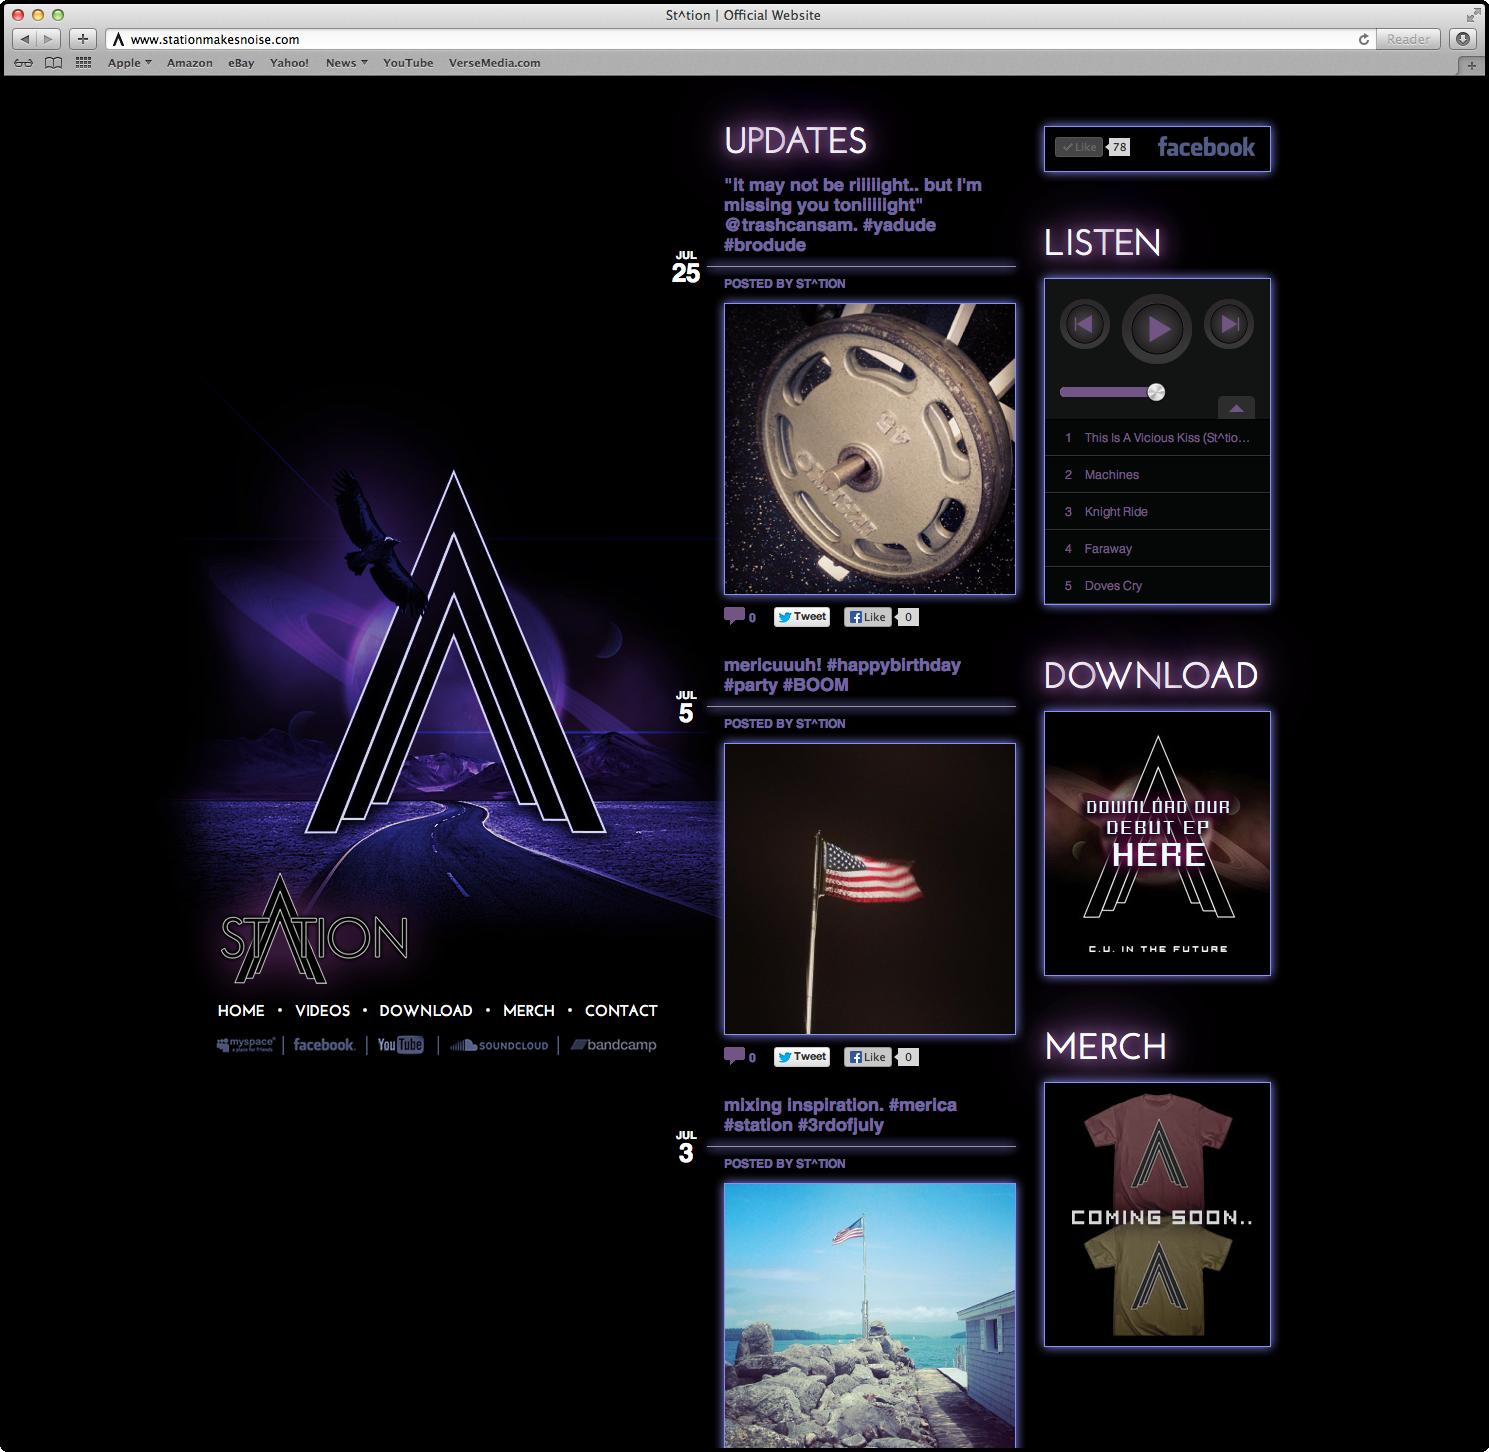 St^tion Website